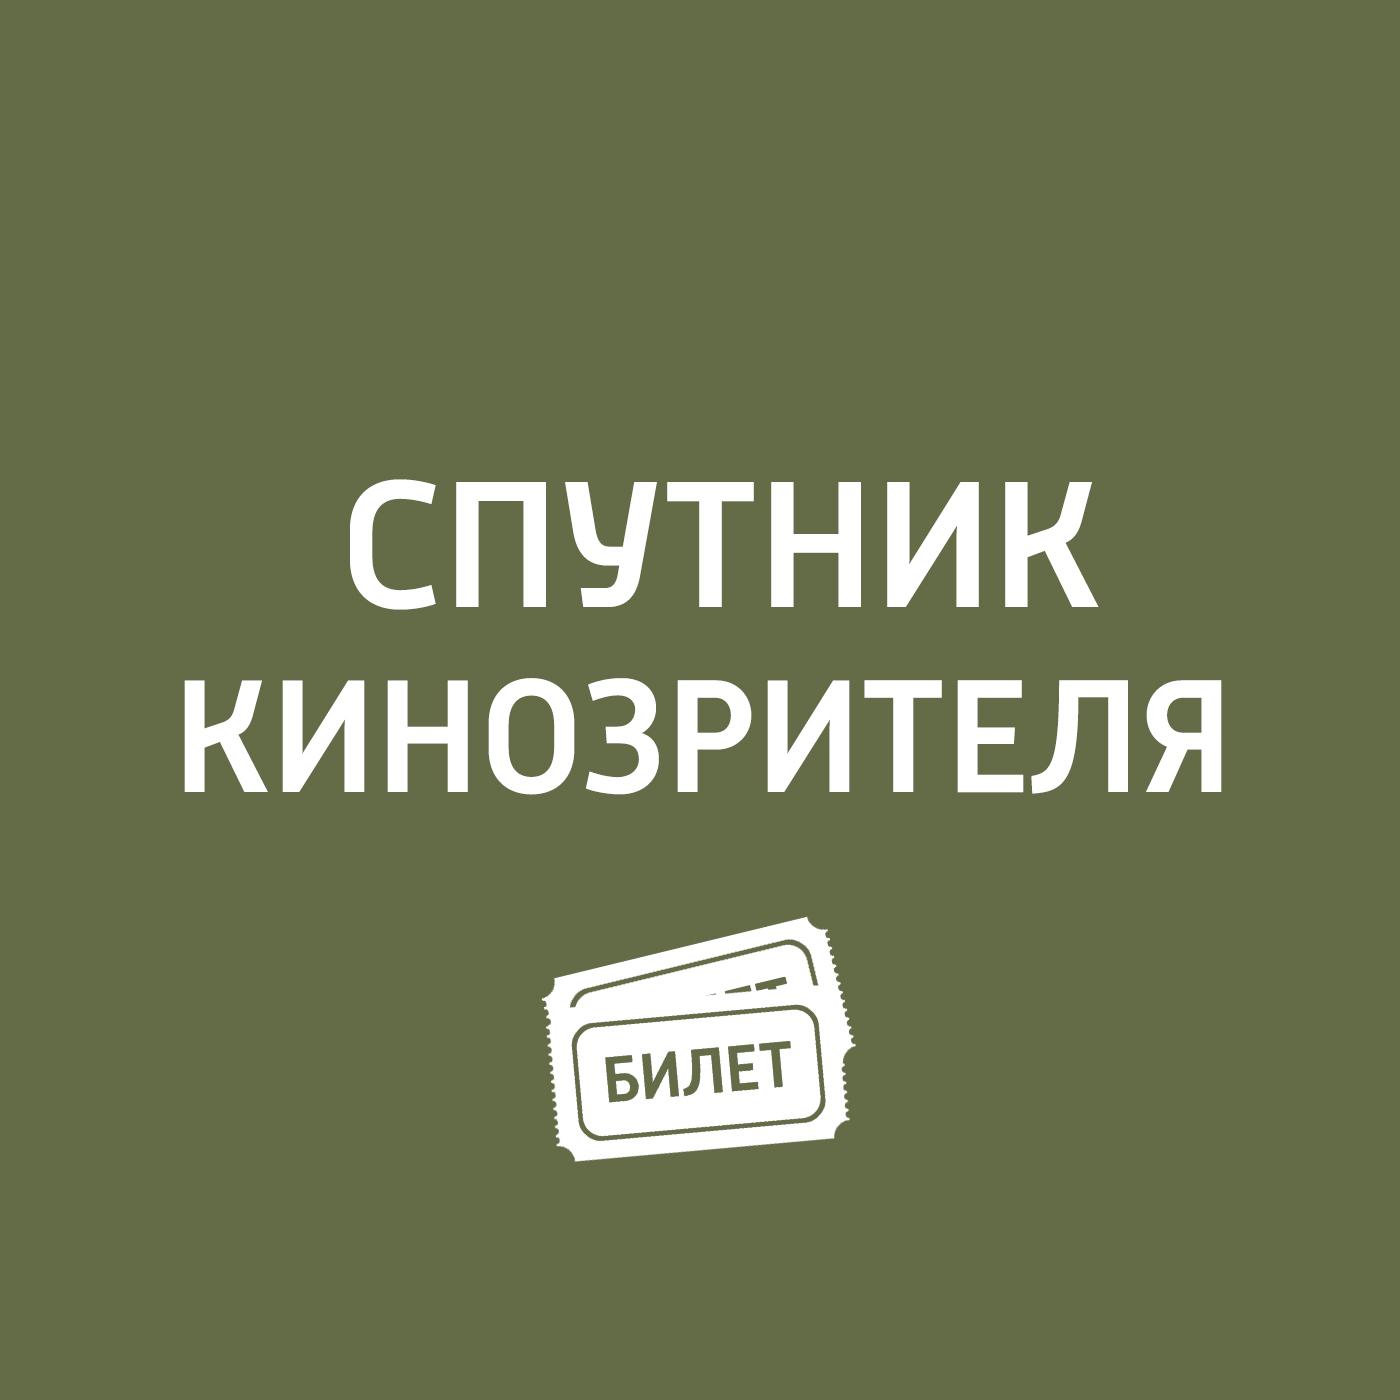 Антон Долин Битва за Севастополь, «Искатель воды